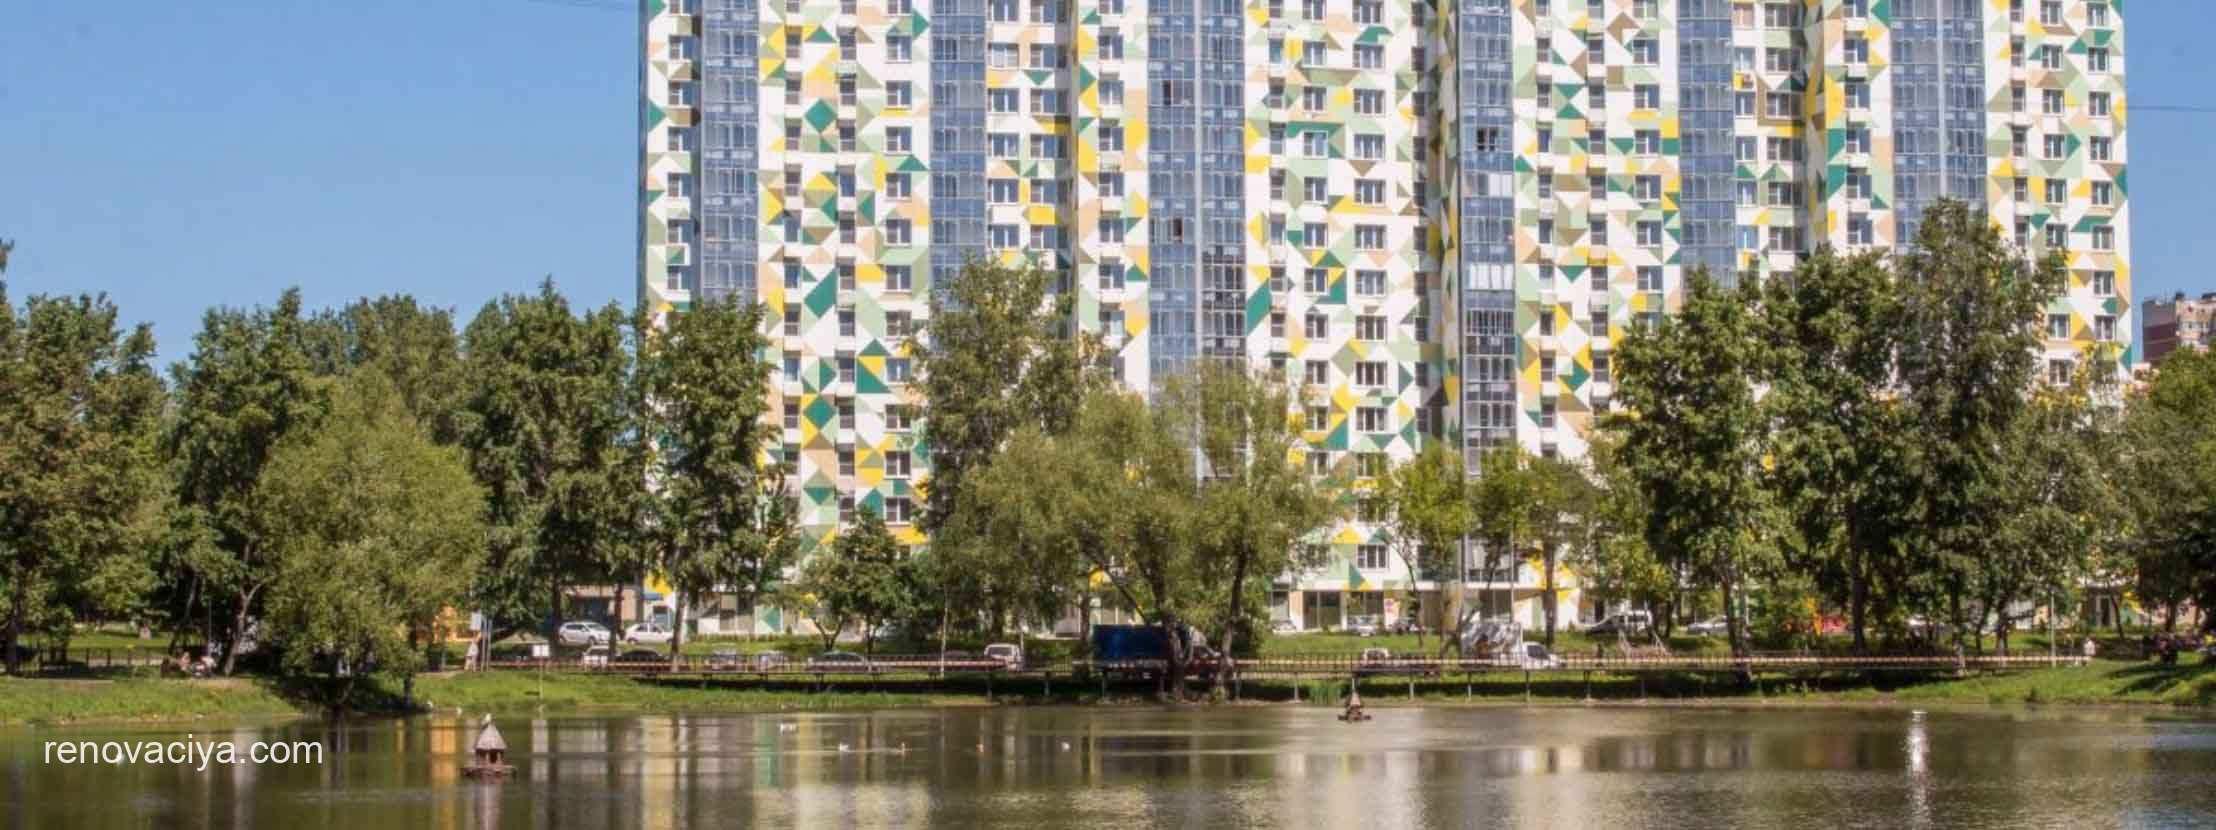 5 пятиэтажек переехали в Можайском районе